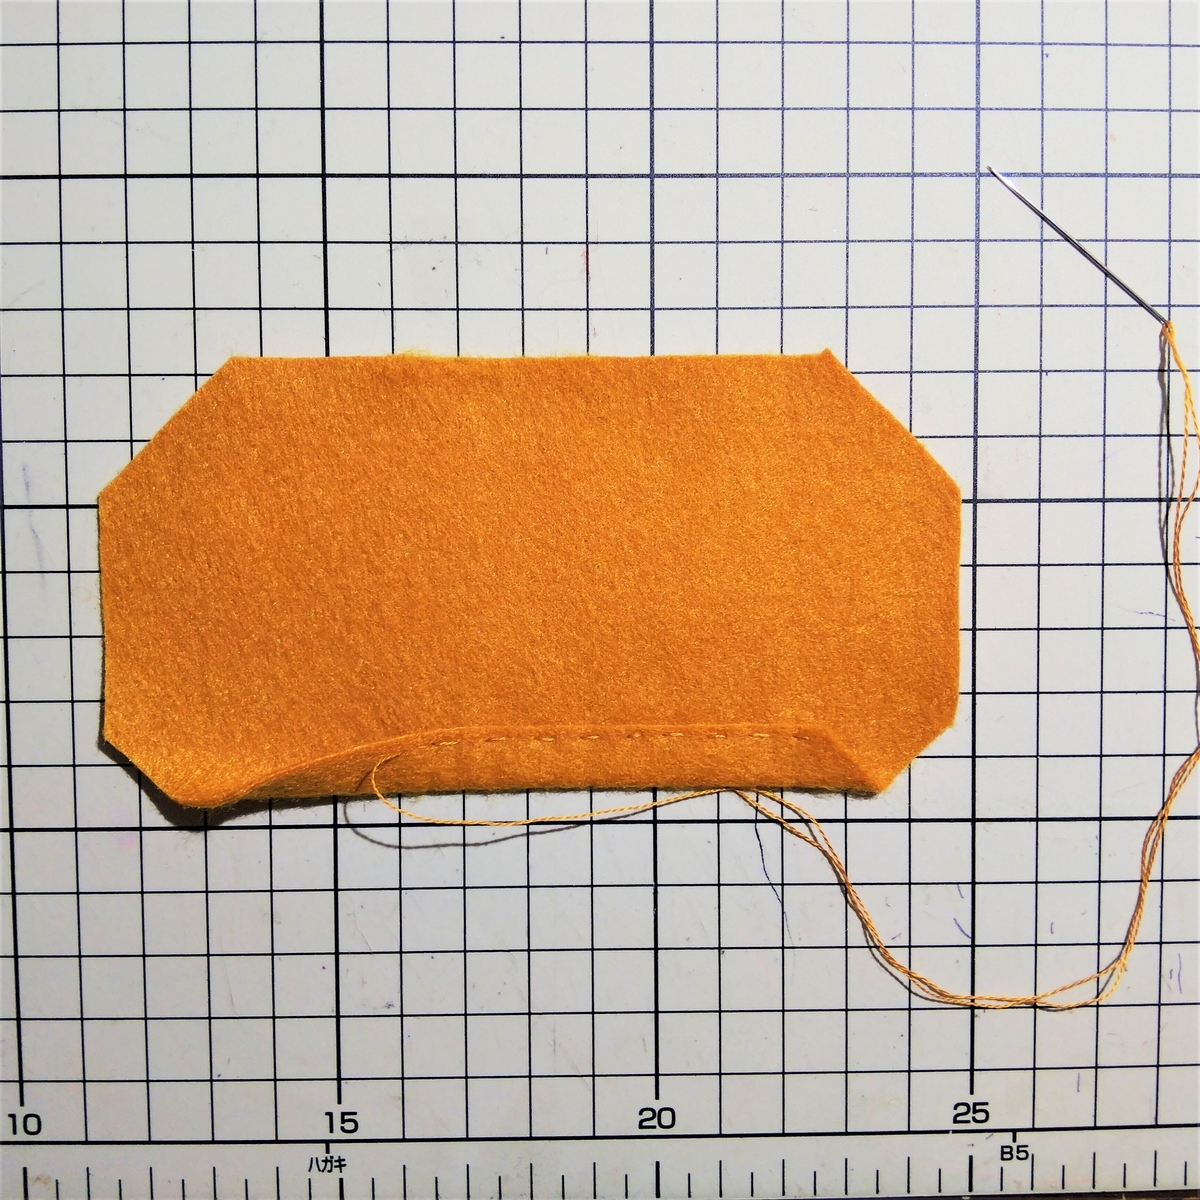 フェルトの『パイ』の作り方④ 型紙①を1㎝折って縫う